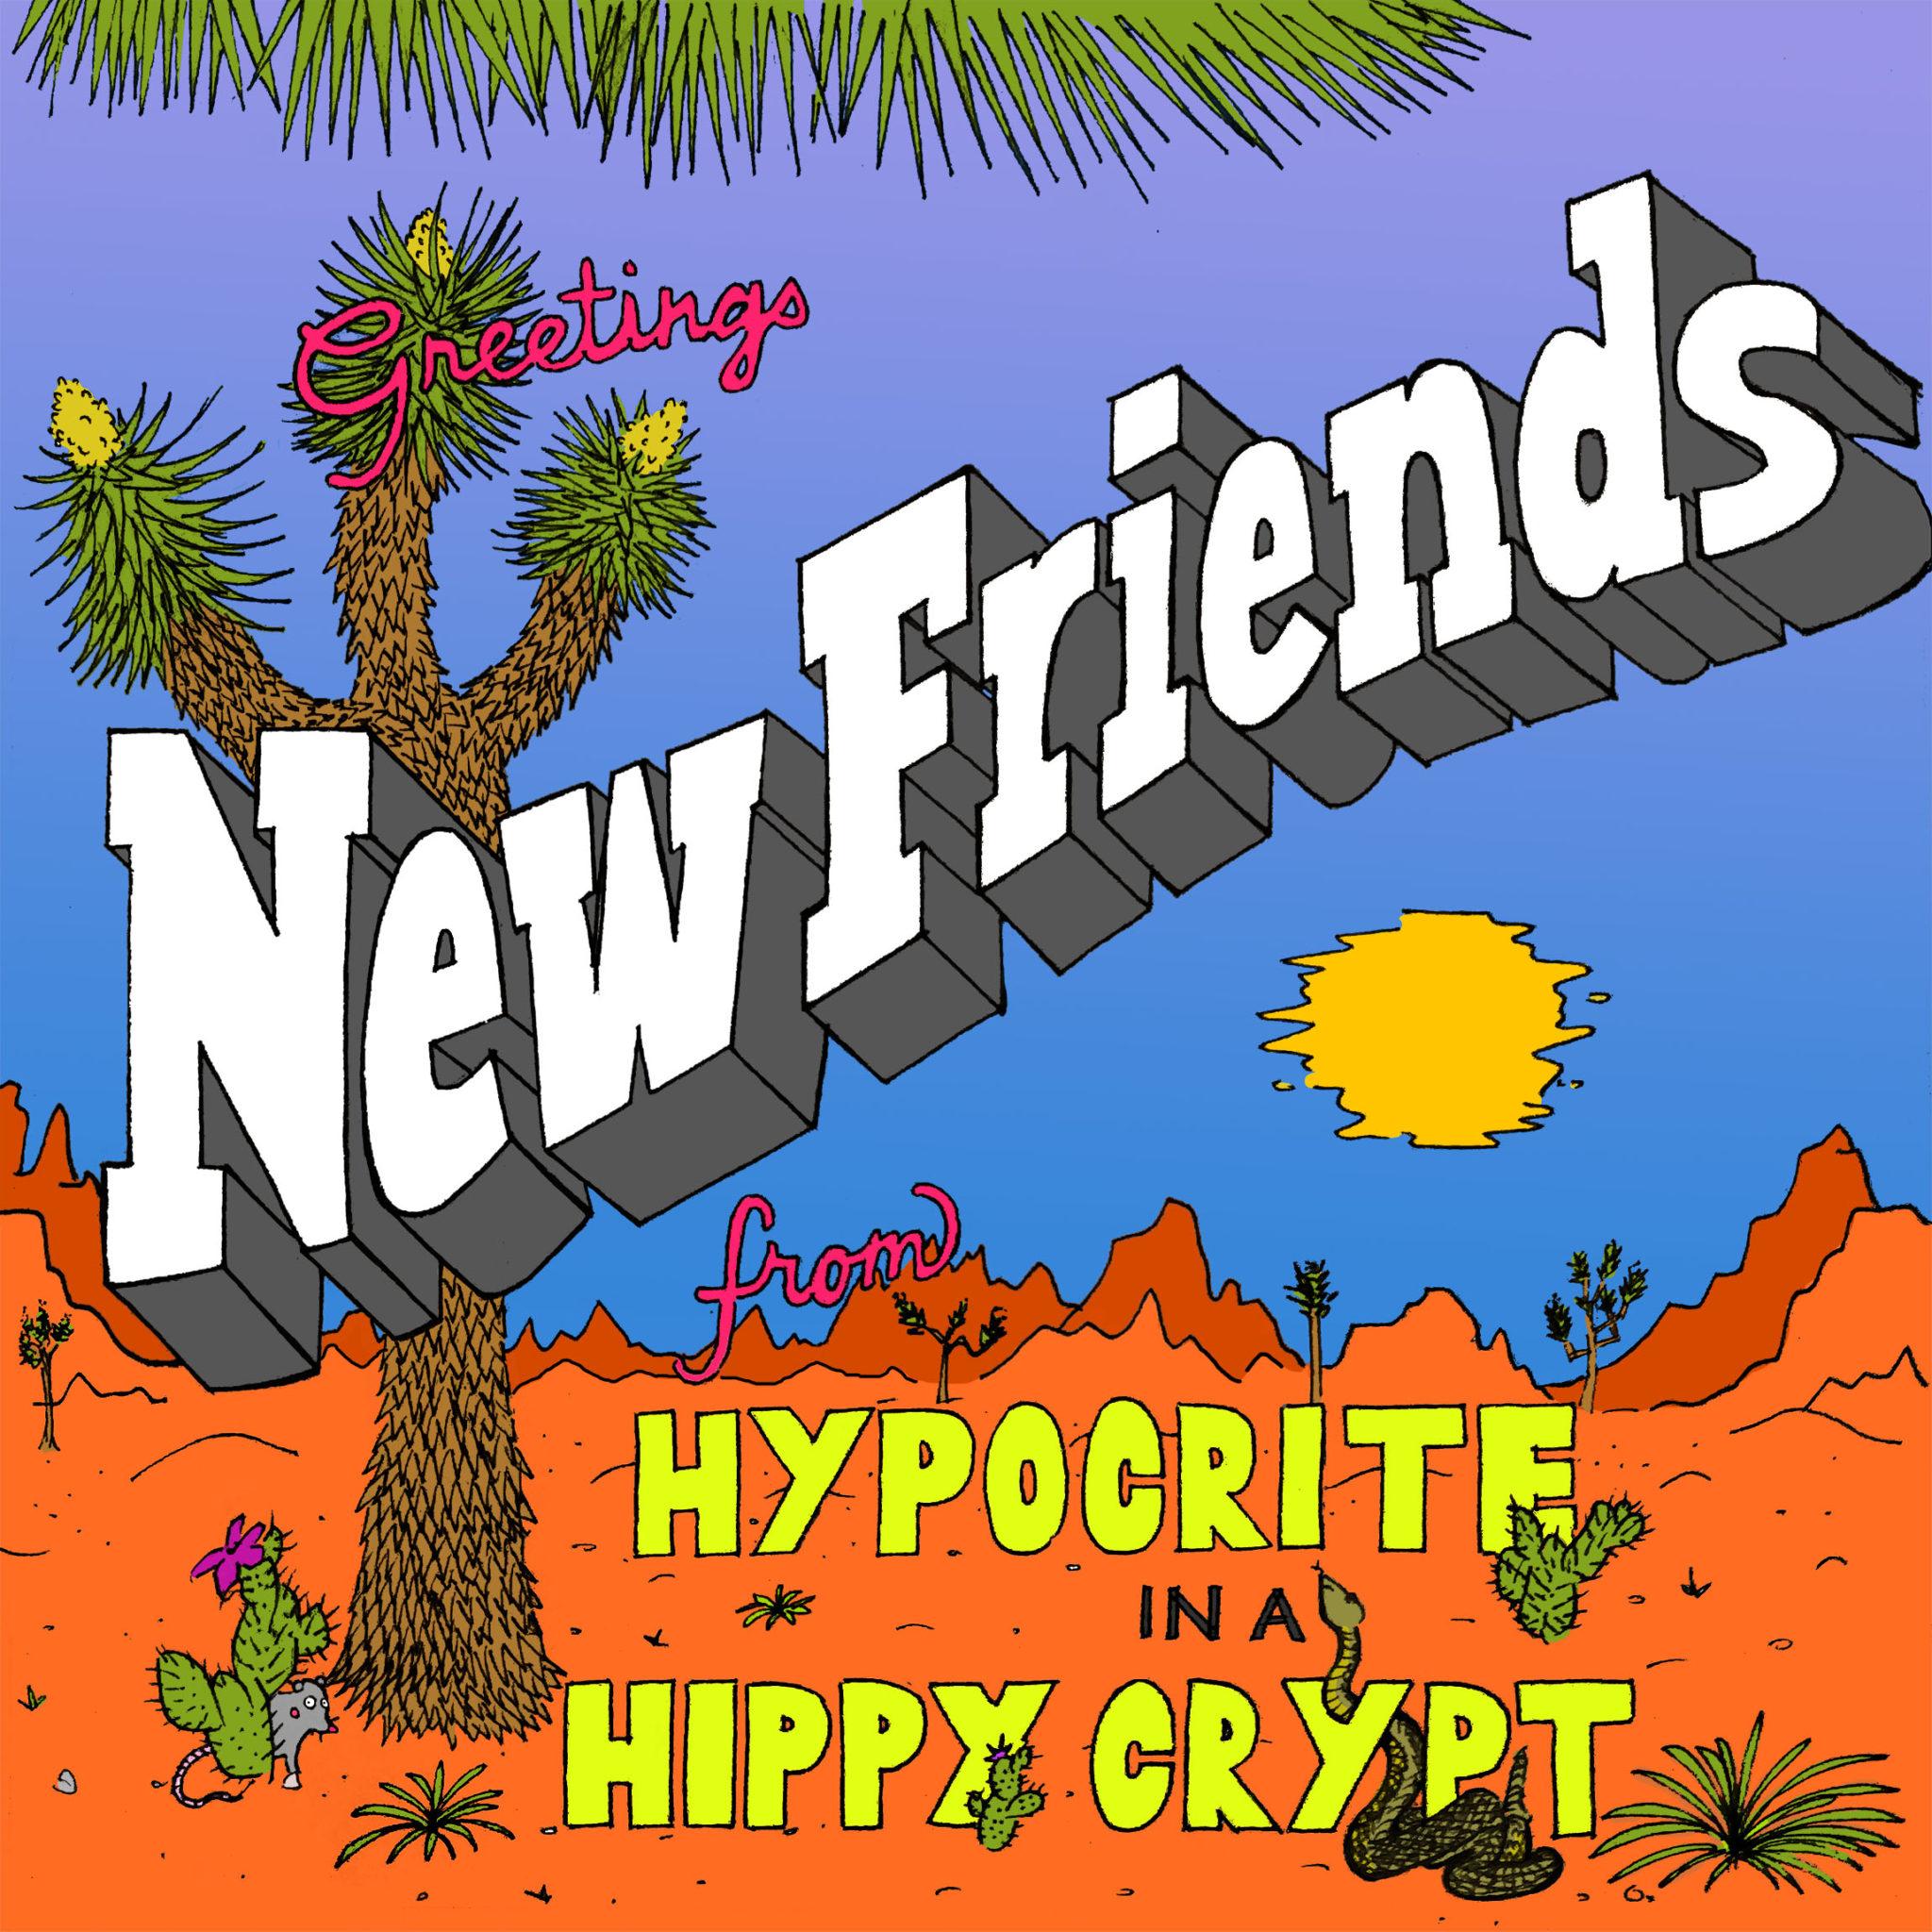 hypocriteinahippycrypt